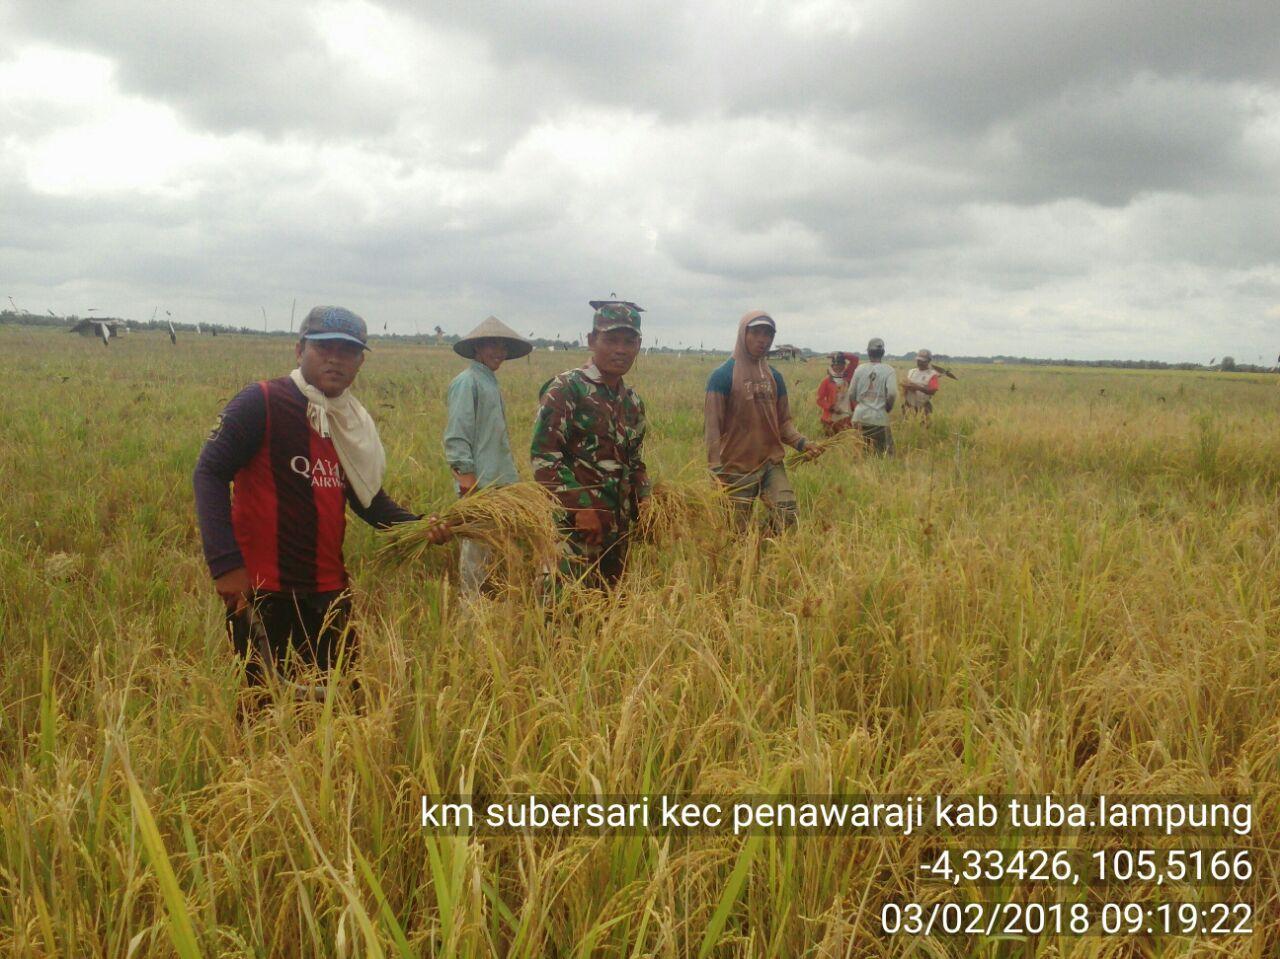 TNI Bantu Petani Panen Padi di Tulangbawang